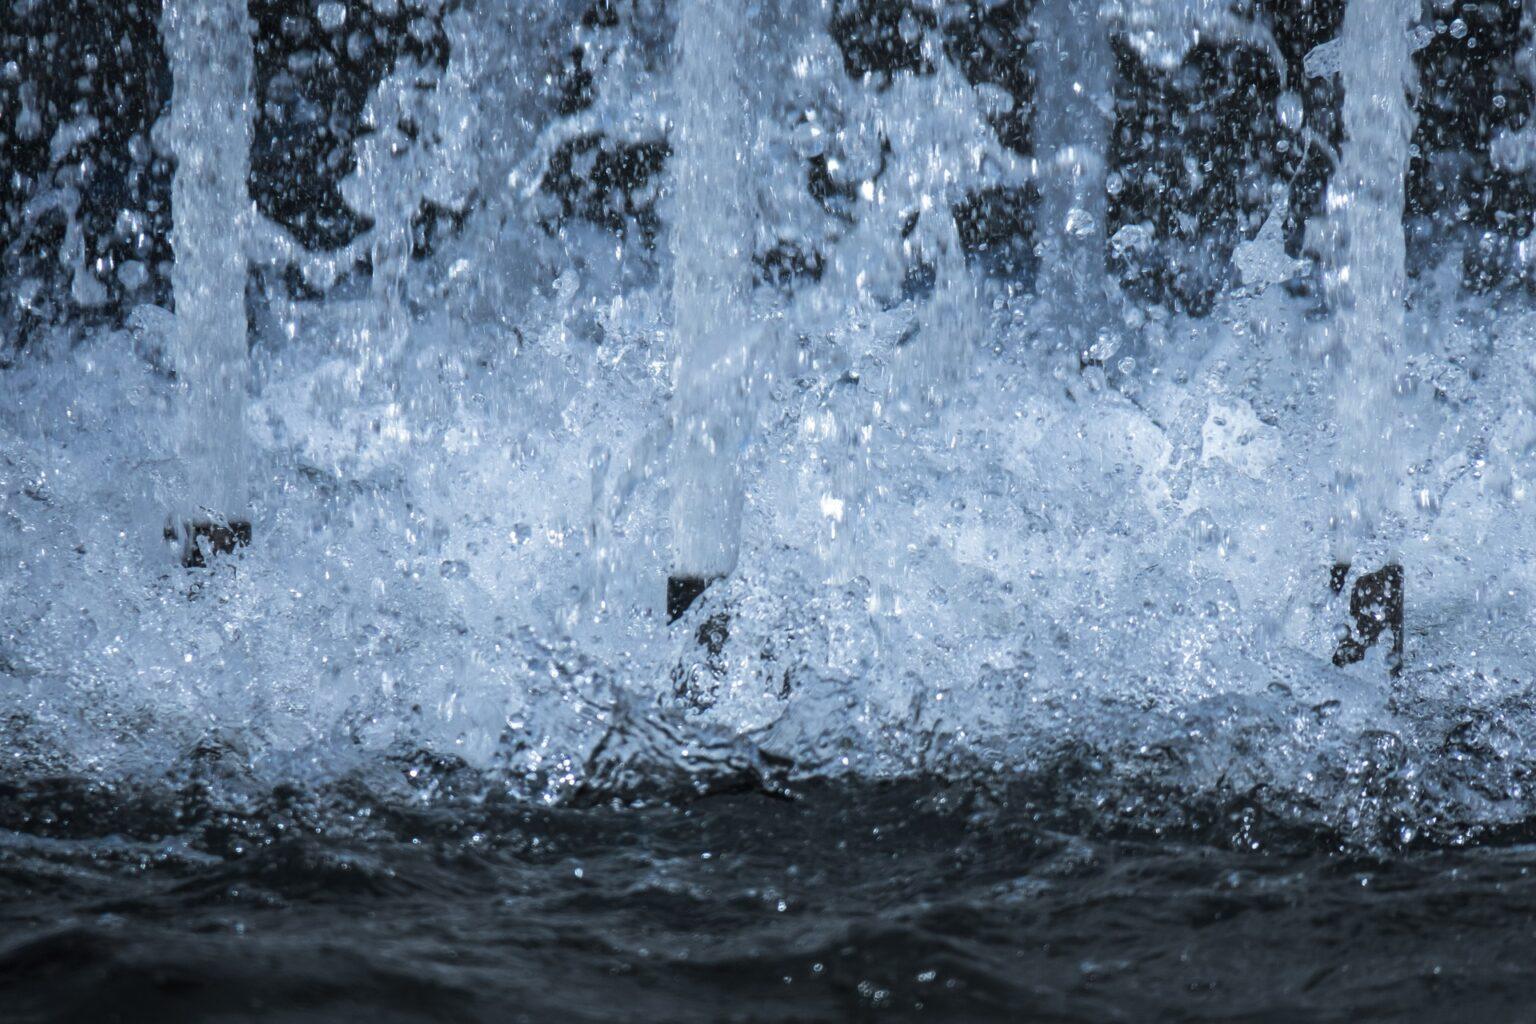 giochi d'acqua in piscine, bio fontane